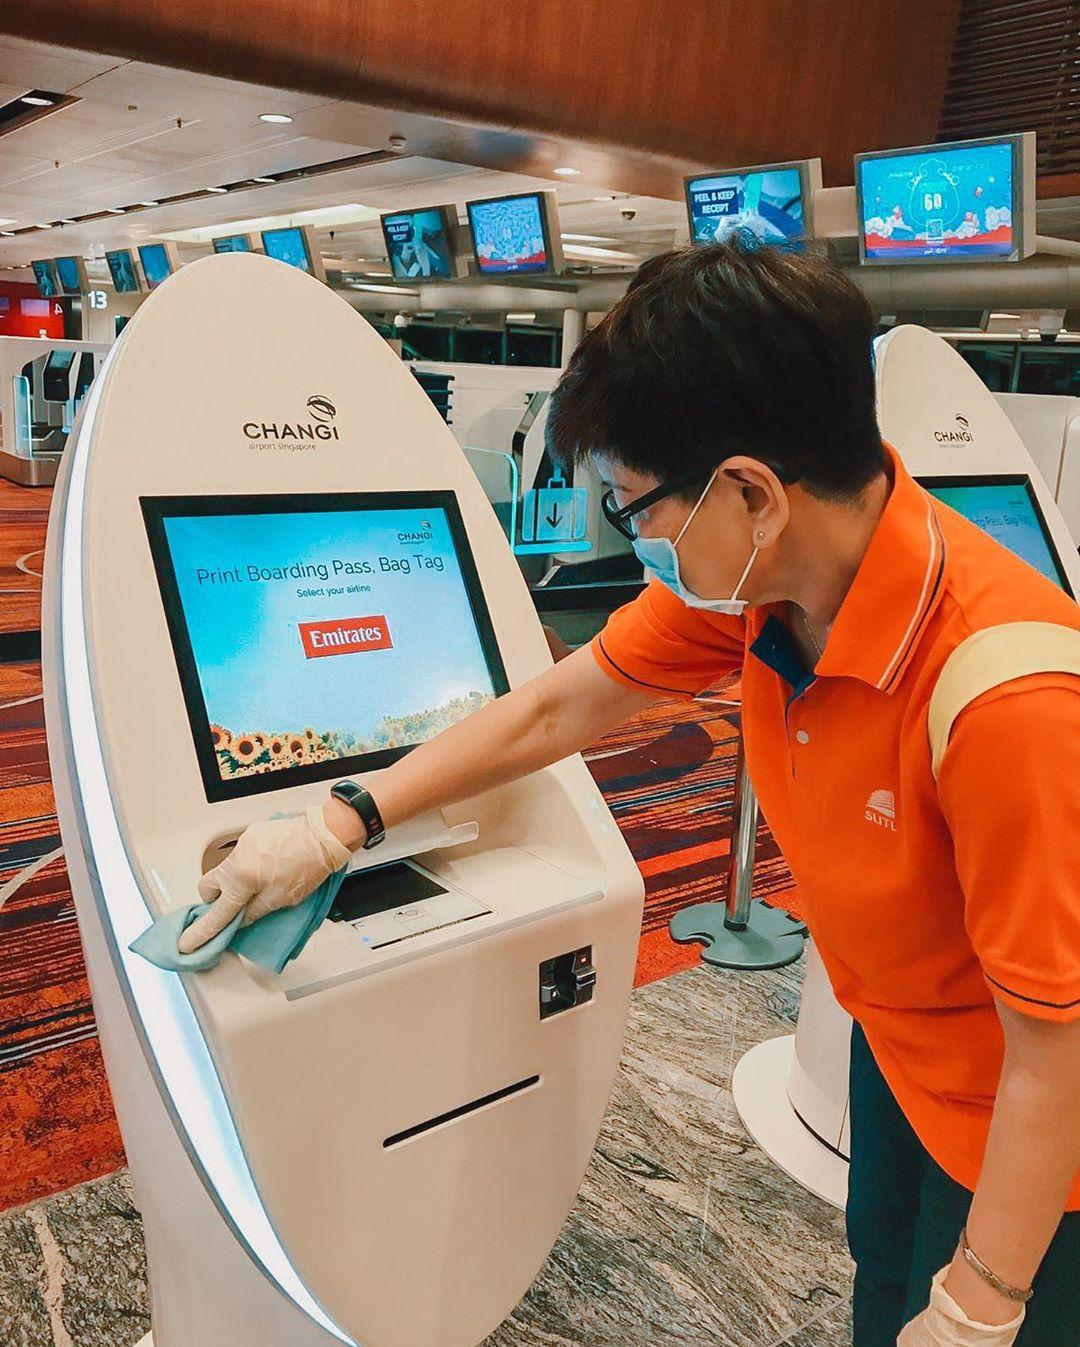 Setiap fasilitas di Changi Airport rutin dibersihkan. Instagram @changiairport